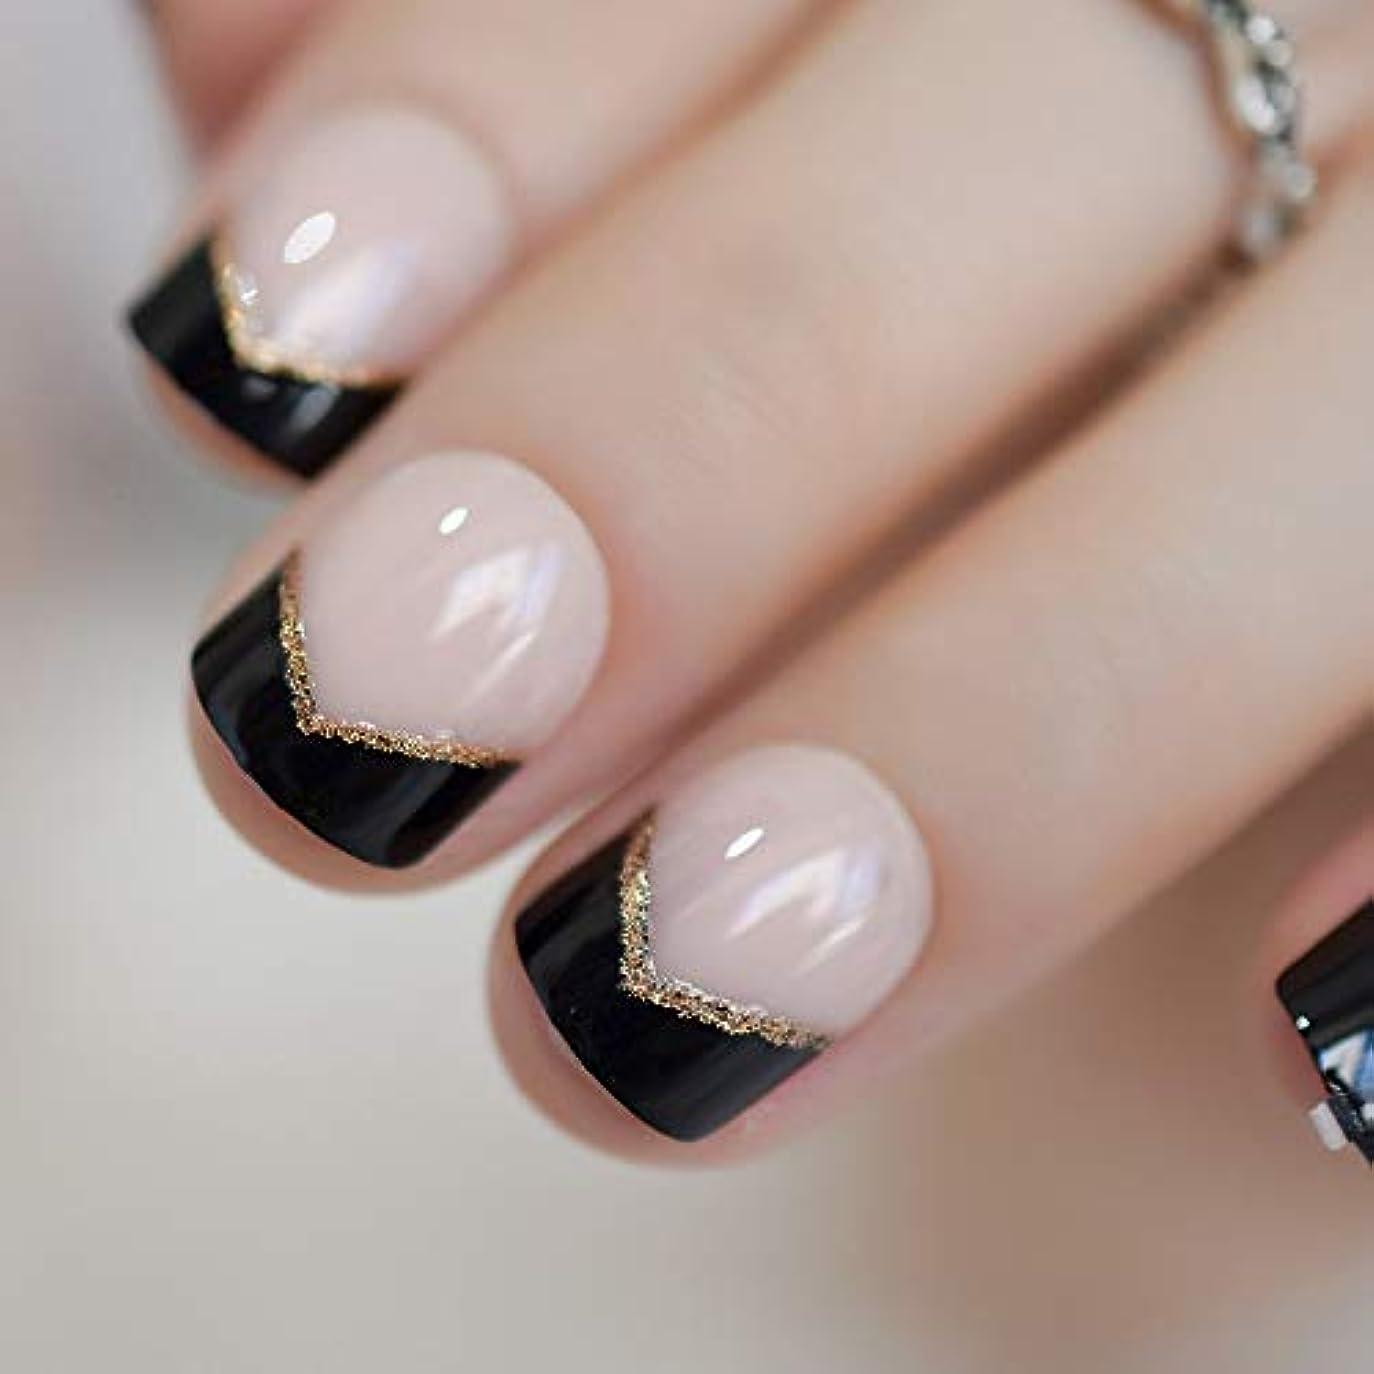 バランス配置顔料XUTXZKA 短い爪黒のヒントゴールドグリッターアングル装飾された女性のための自然な偽の爪